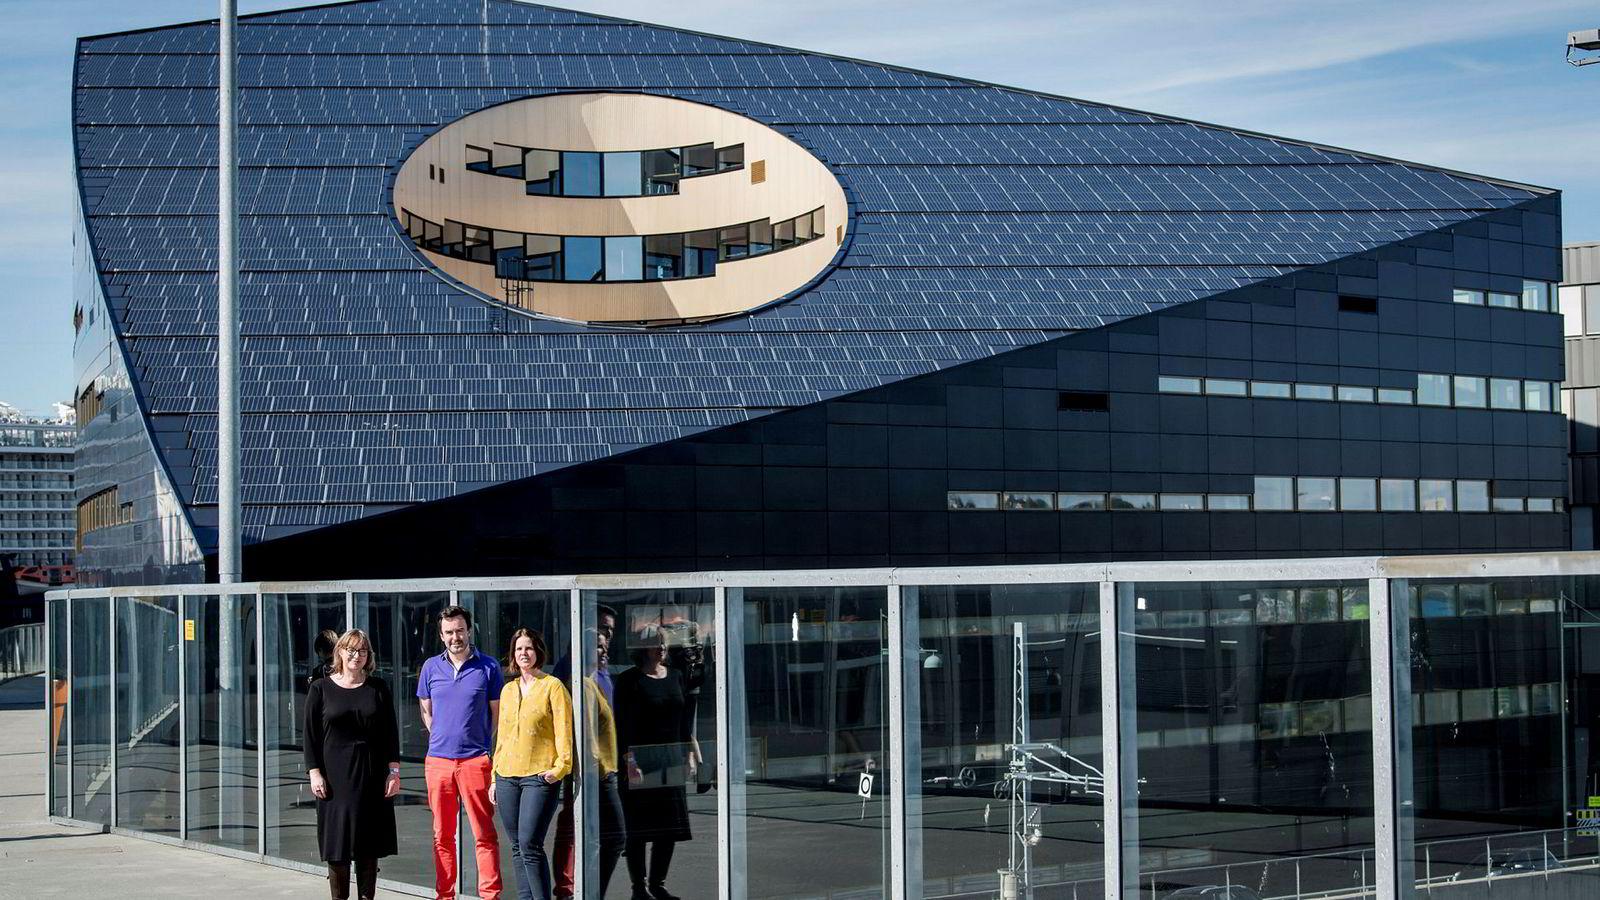 Powerhouse på Brattørkaia produserer mer strøm enn det bruker, og er en del av Trondheims smartby-satsing. Annemie Wickmans fra NTNU (f.v.), Silja Rønningsen og Kristian Mjøen fra Trondheim kommune, er tre av flere tusen som er involverte i prosjektet.